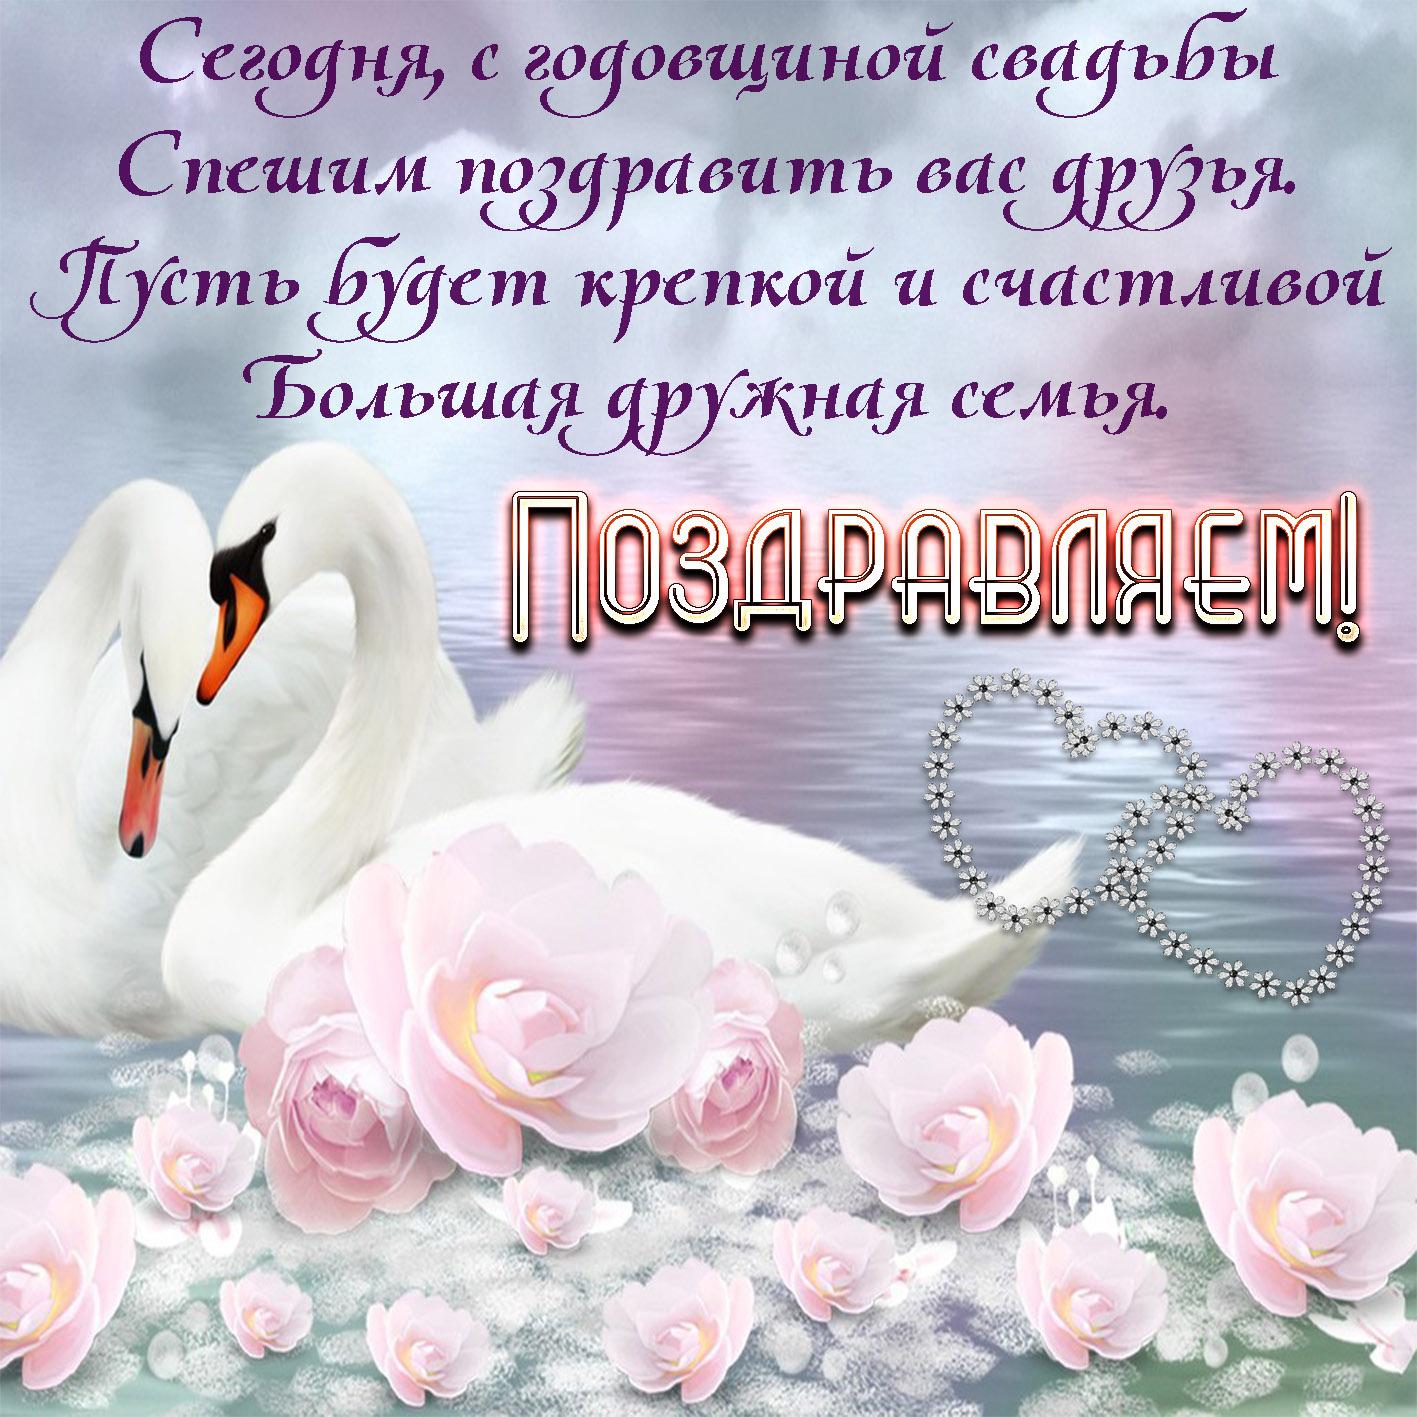 Поздравления на свадьбу на день рождения